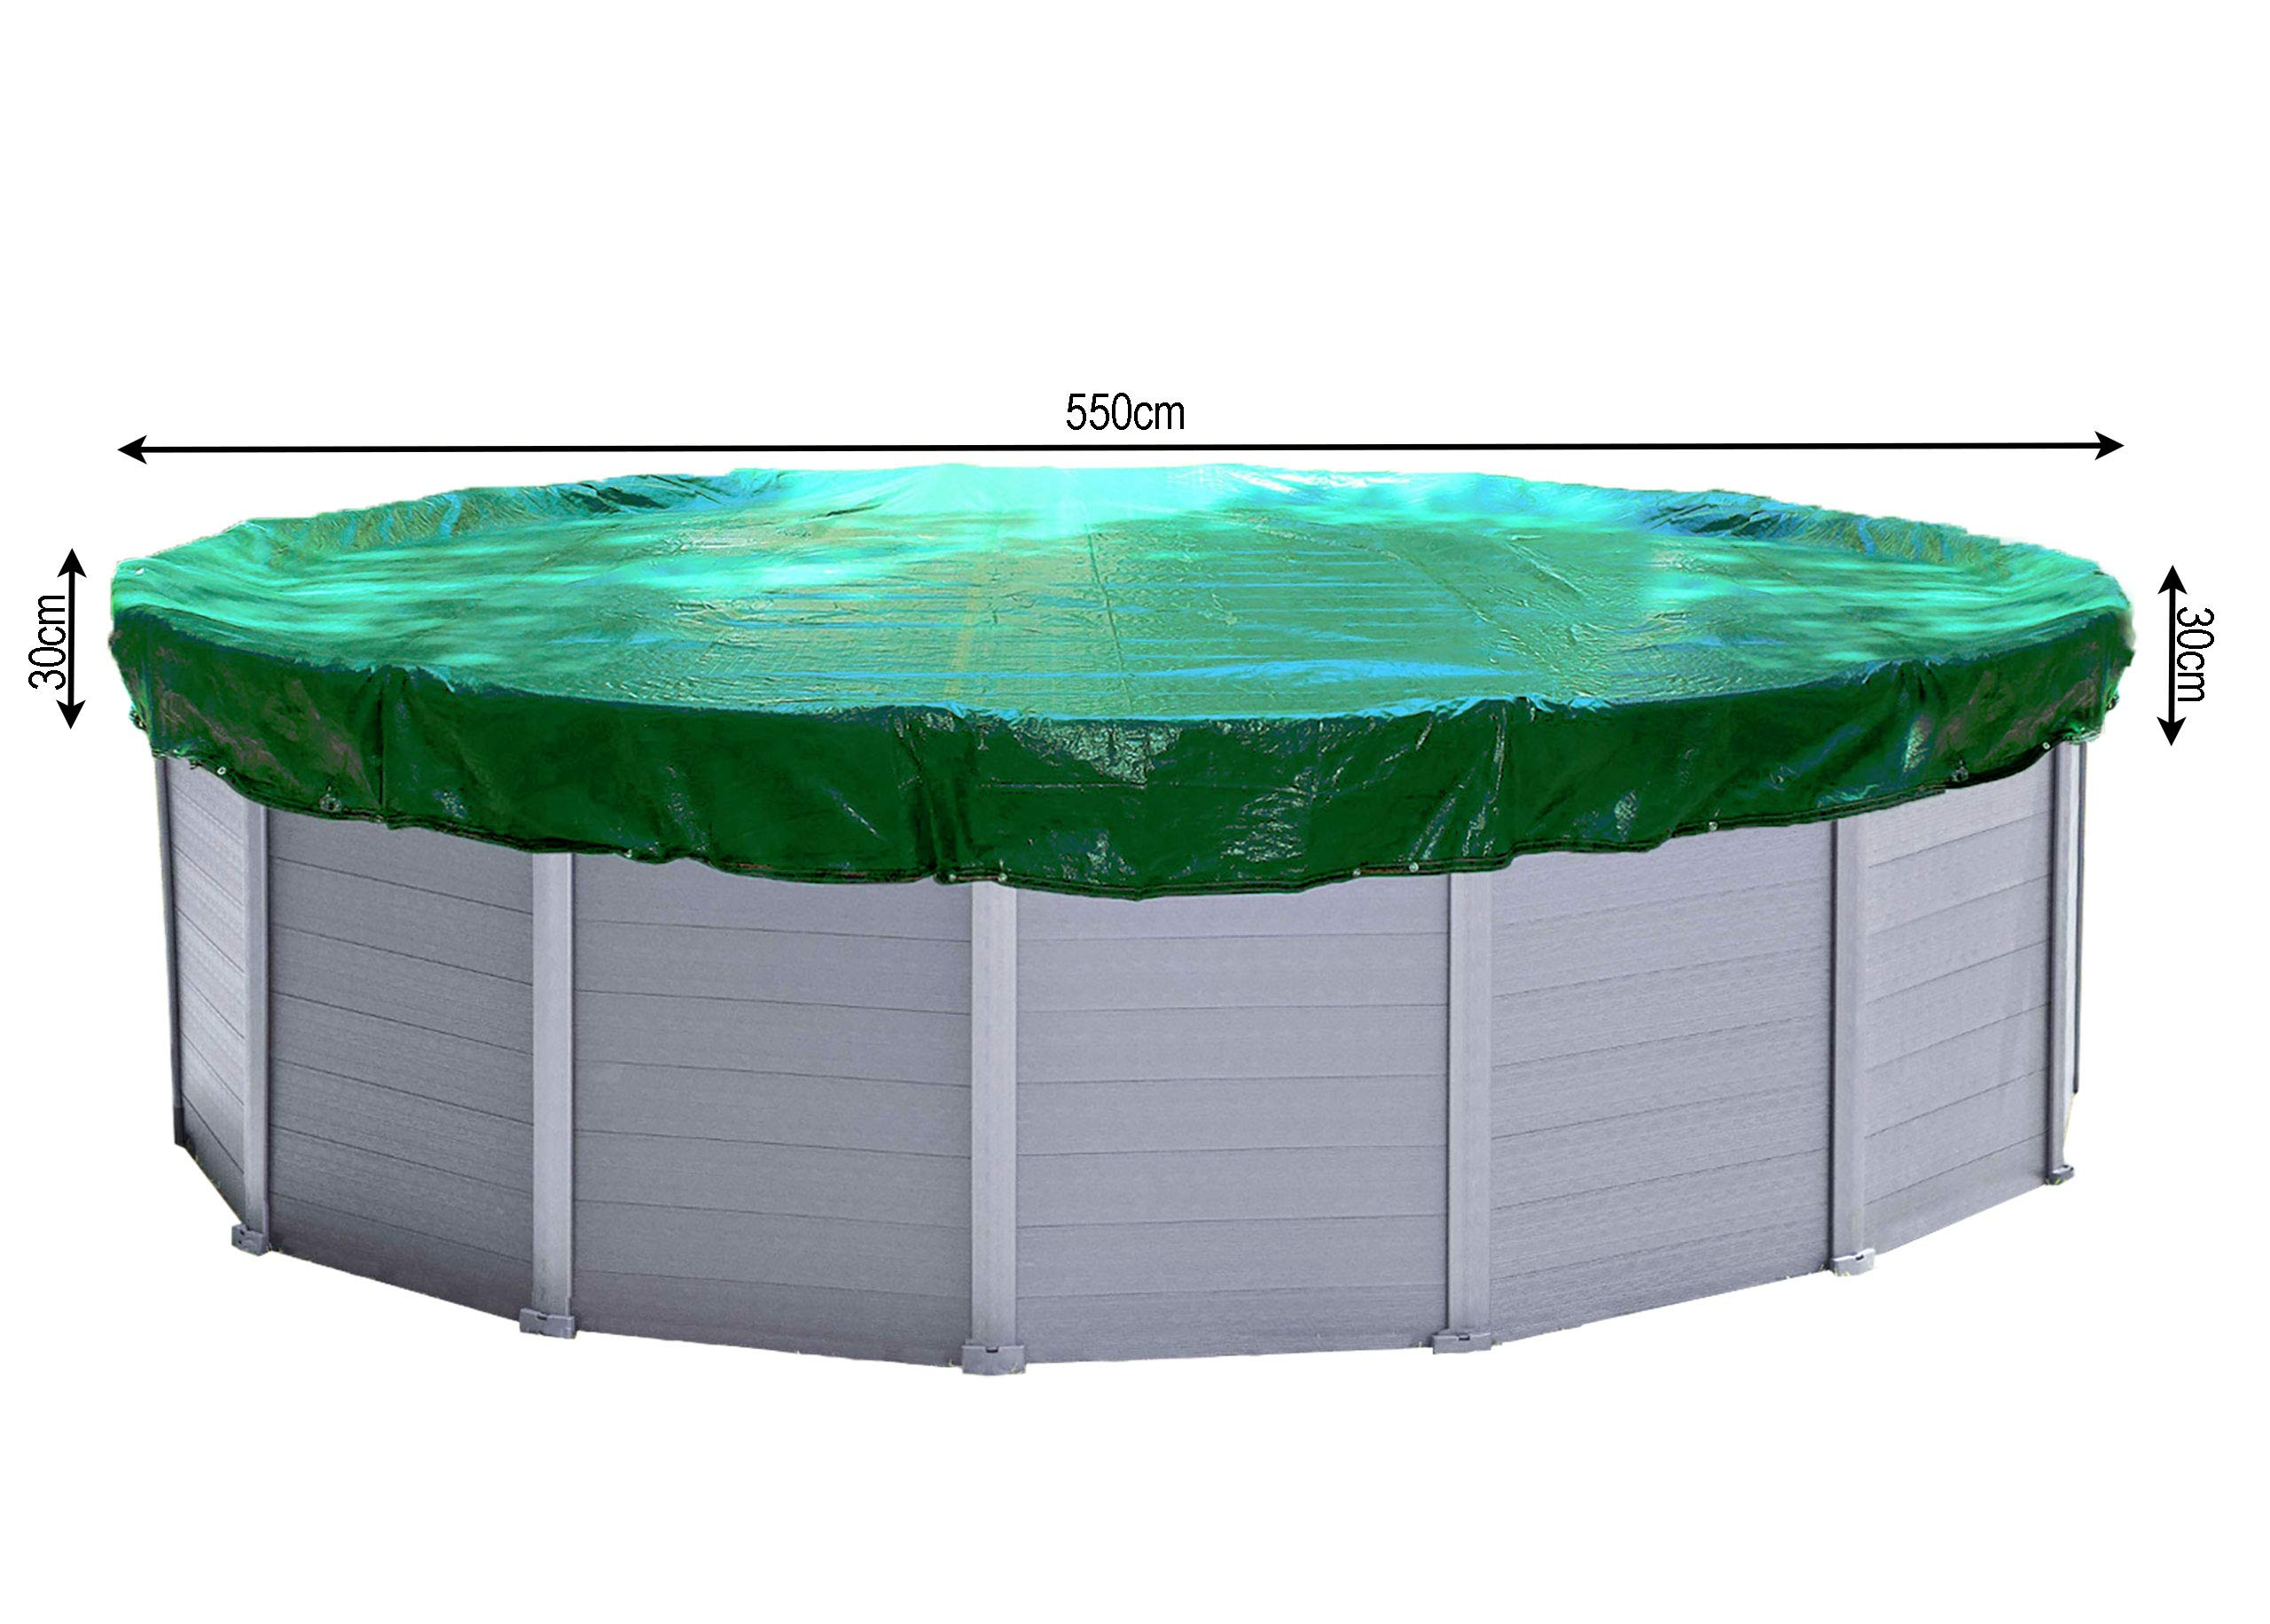 QUICK STAR Cubierta de piscina de invierno redonda 180g / m² para piscina 500 - 550 cm Dimensiones de lona ø 610 cm Verde: Amazon.es: Jardín